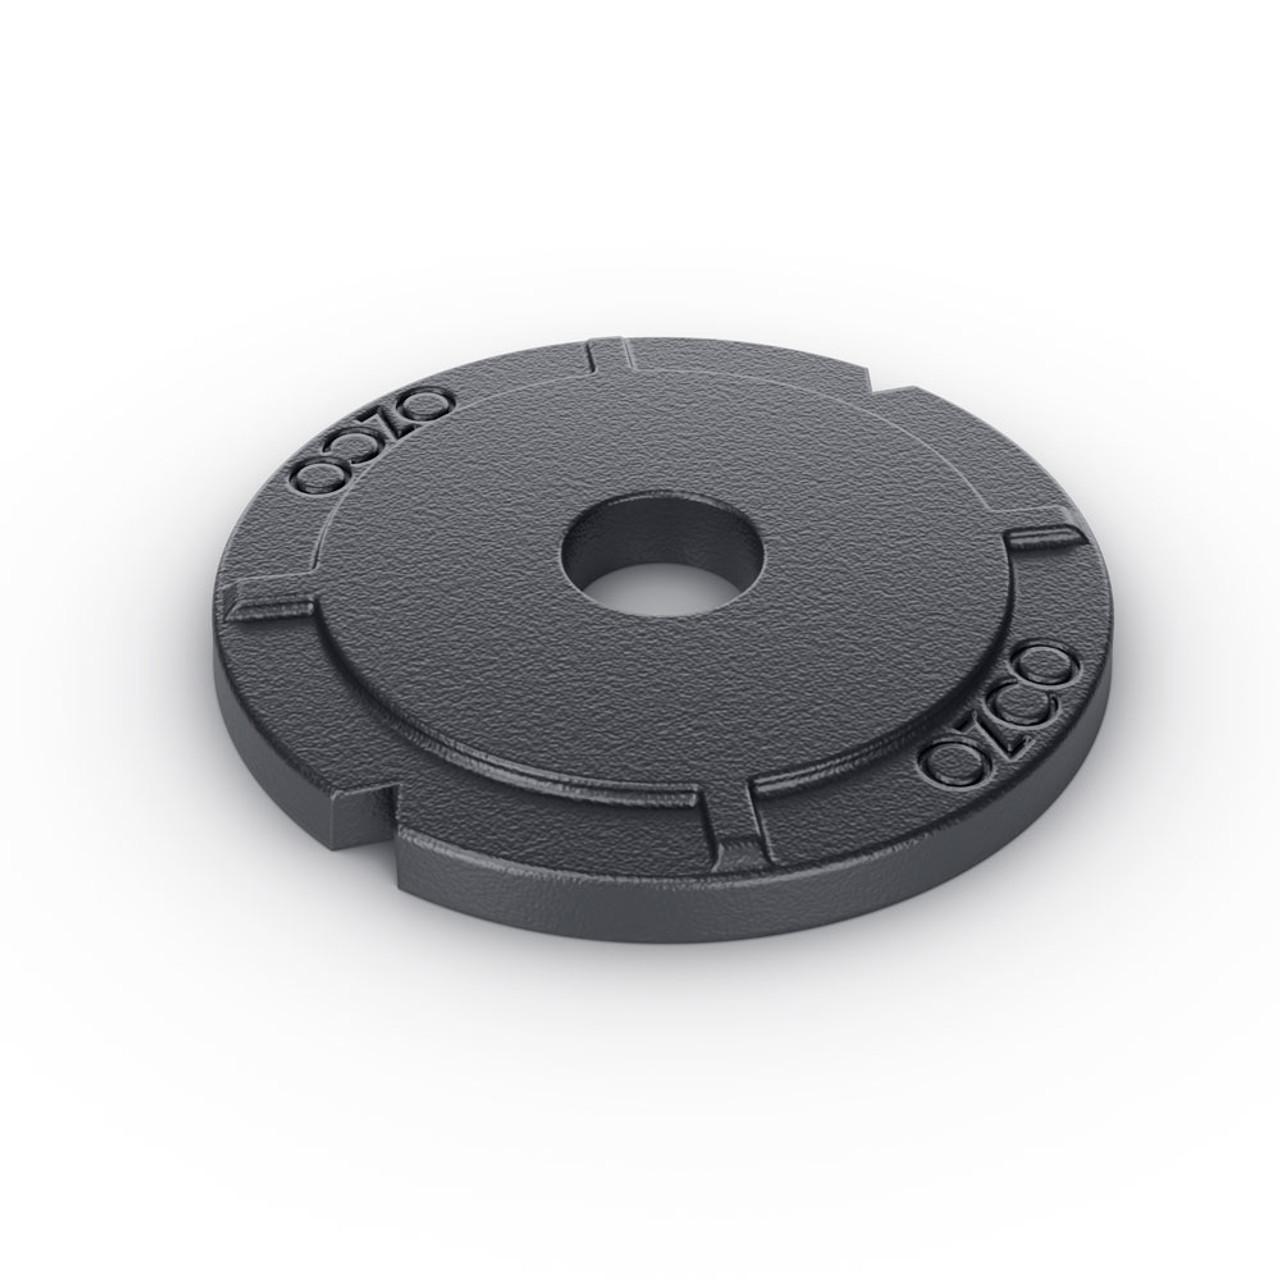 OZCO OWT HD Timber Bolt Washer w/ Black Powder Coat